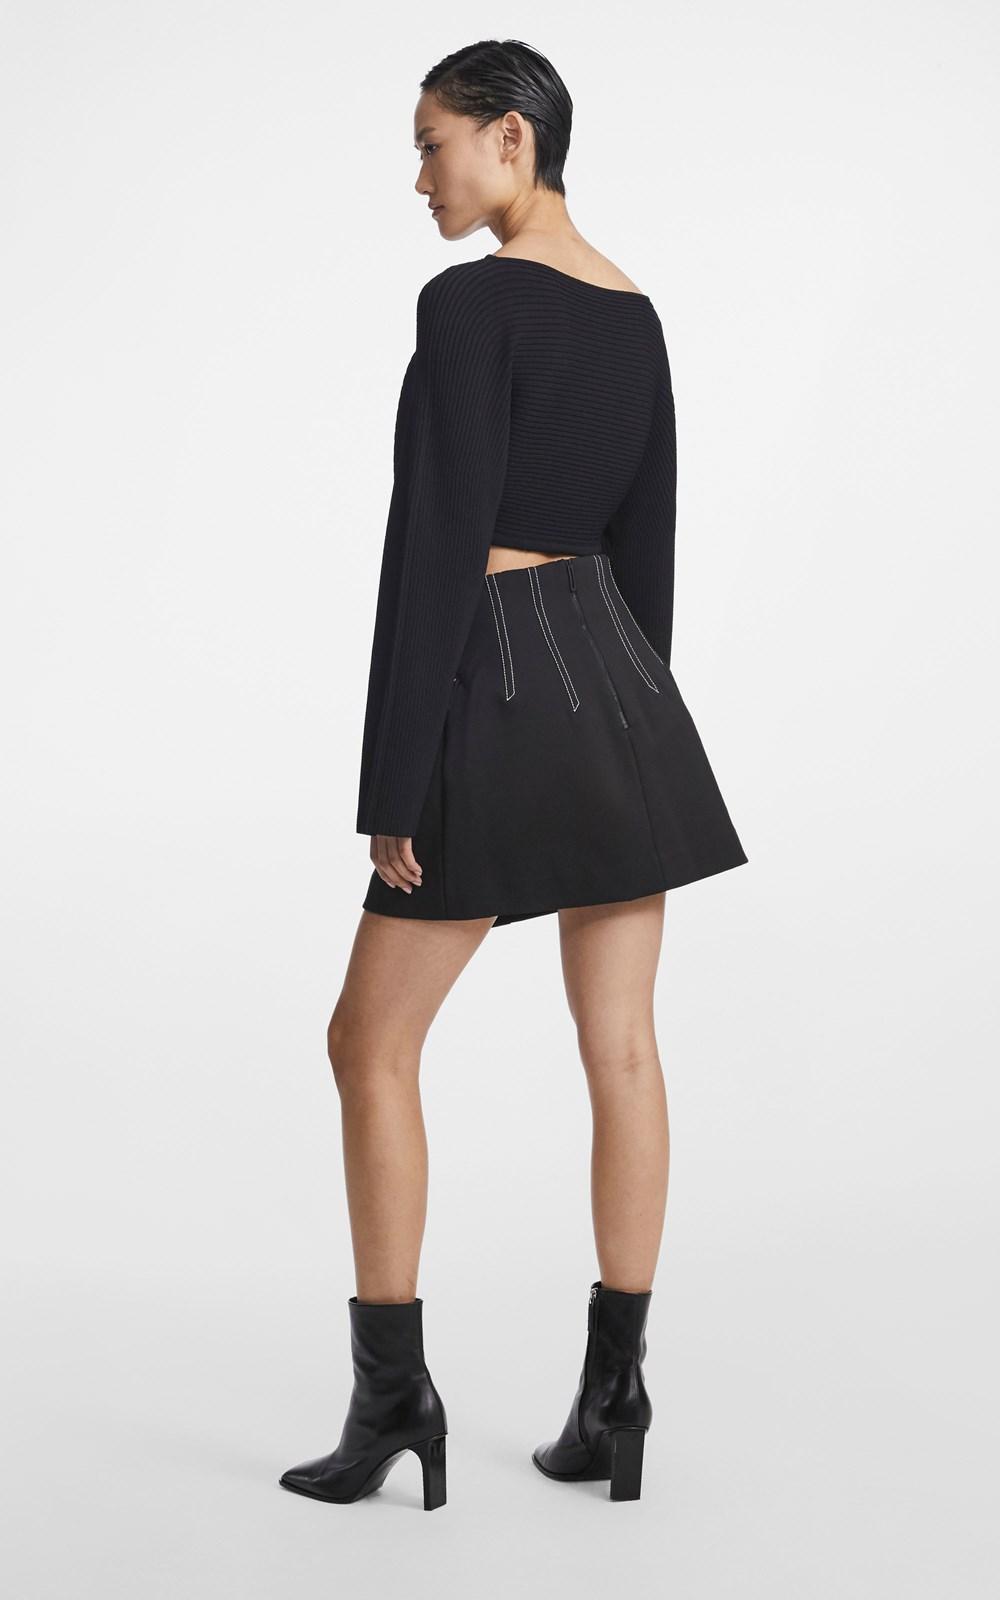 Knitwear | COCOON CORSET SWEATER